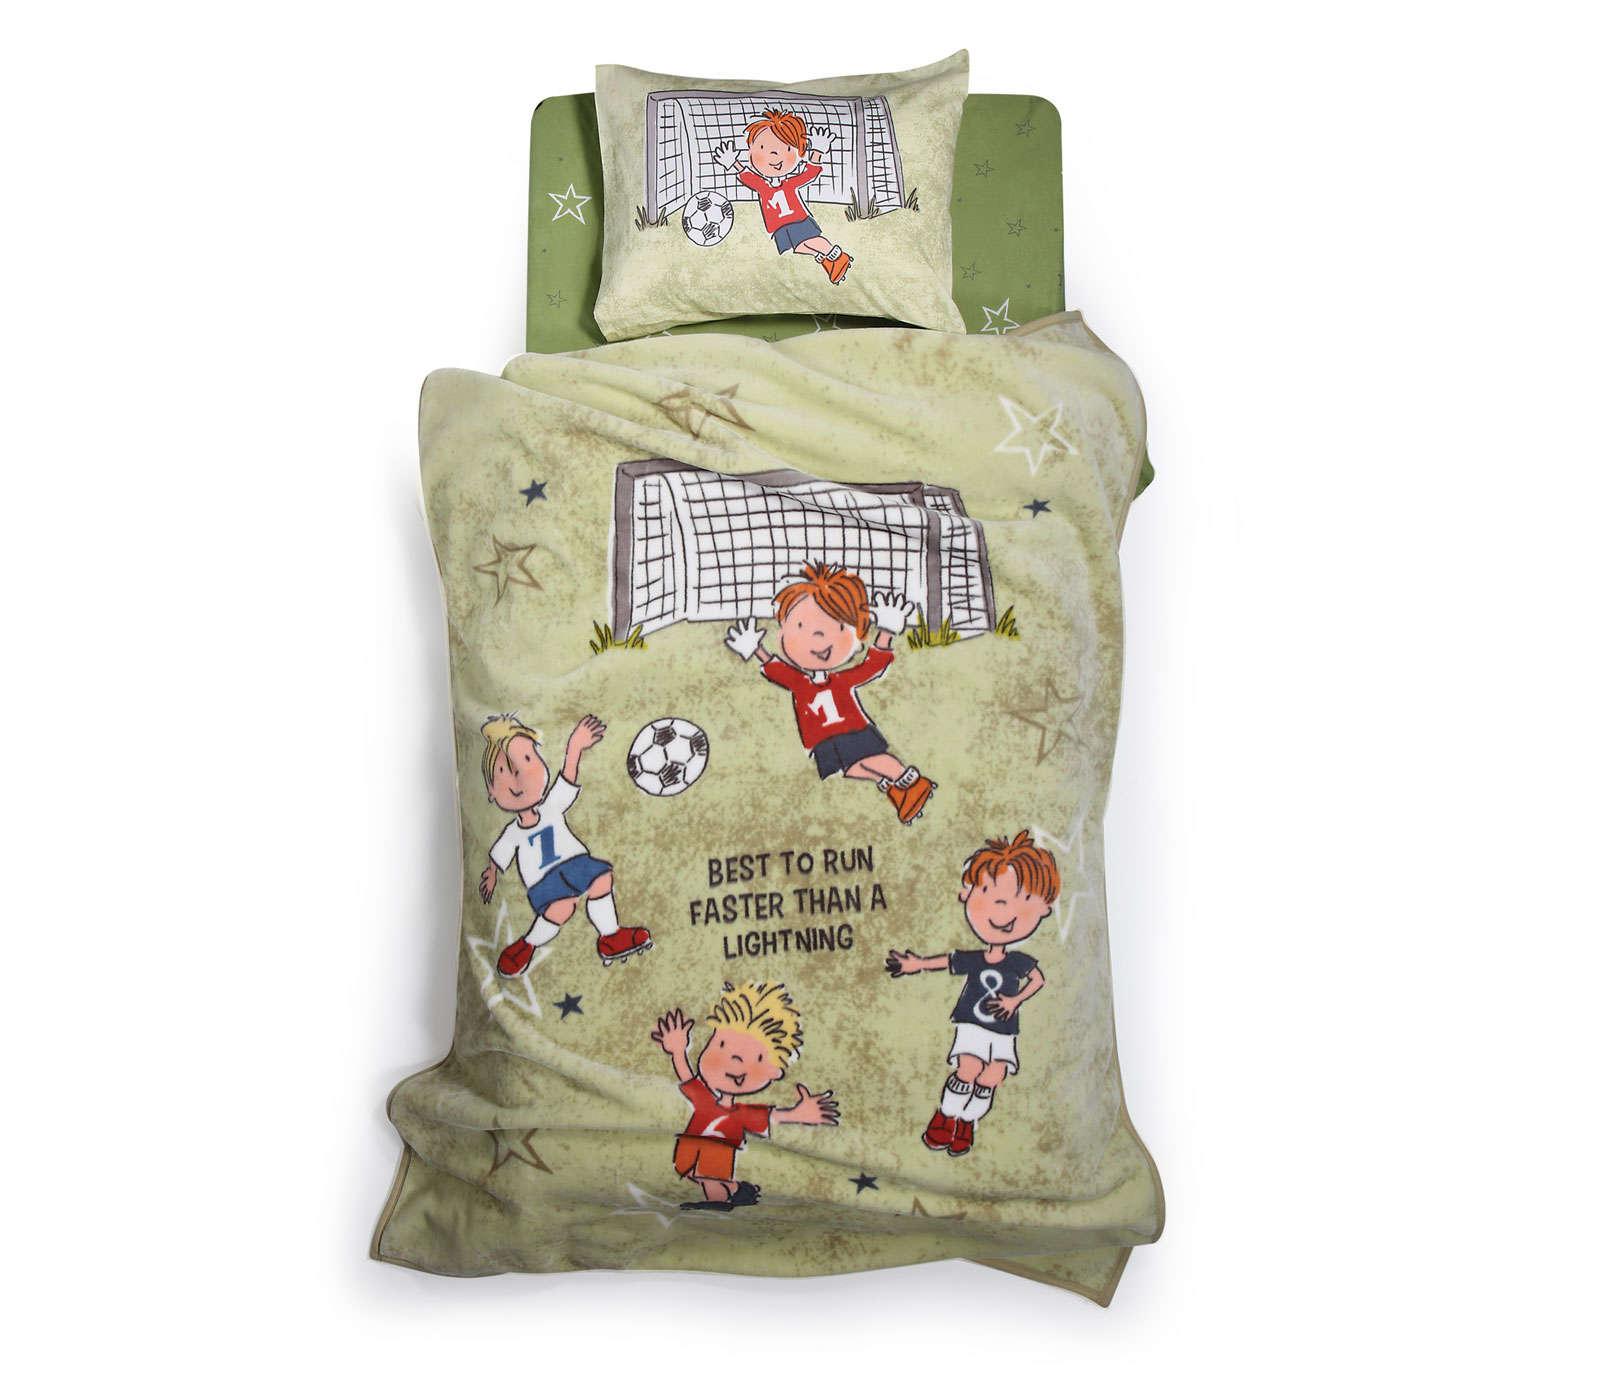 Κουβέρτα Παιδική Football Game Olive Nef Nef Μονό 160x220cm